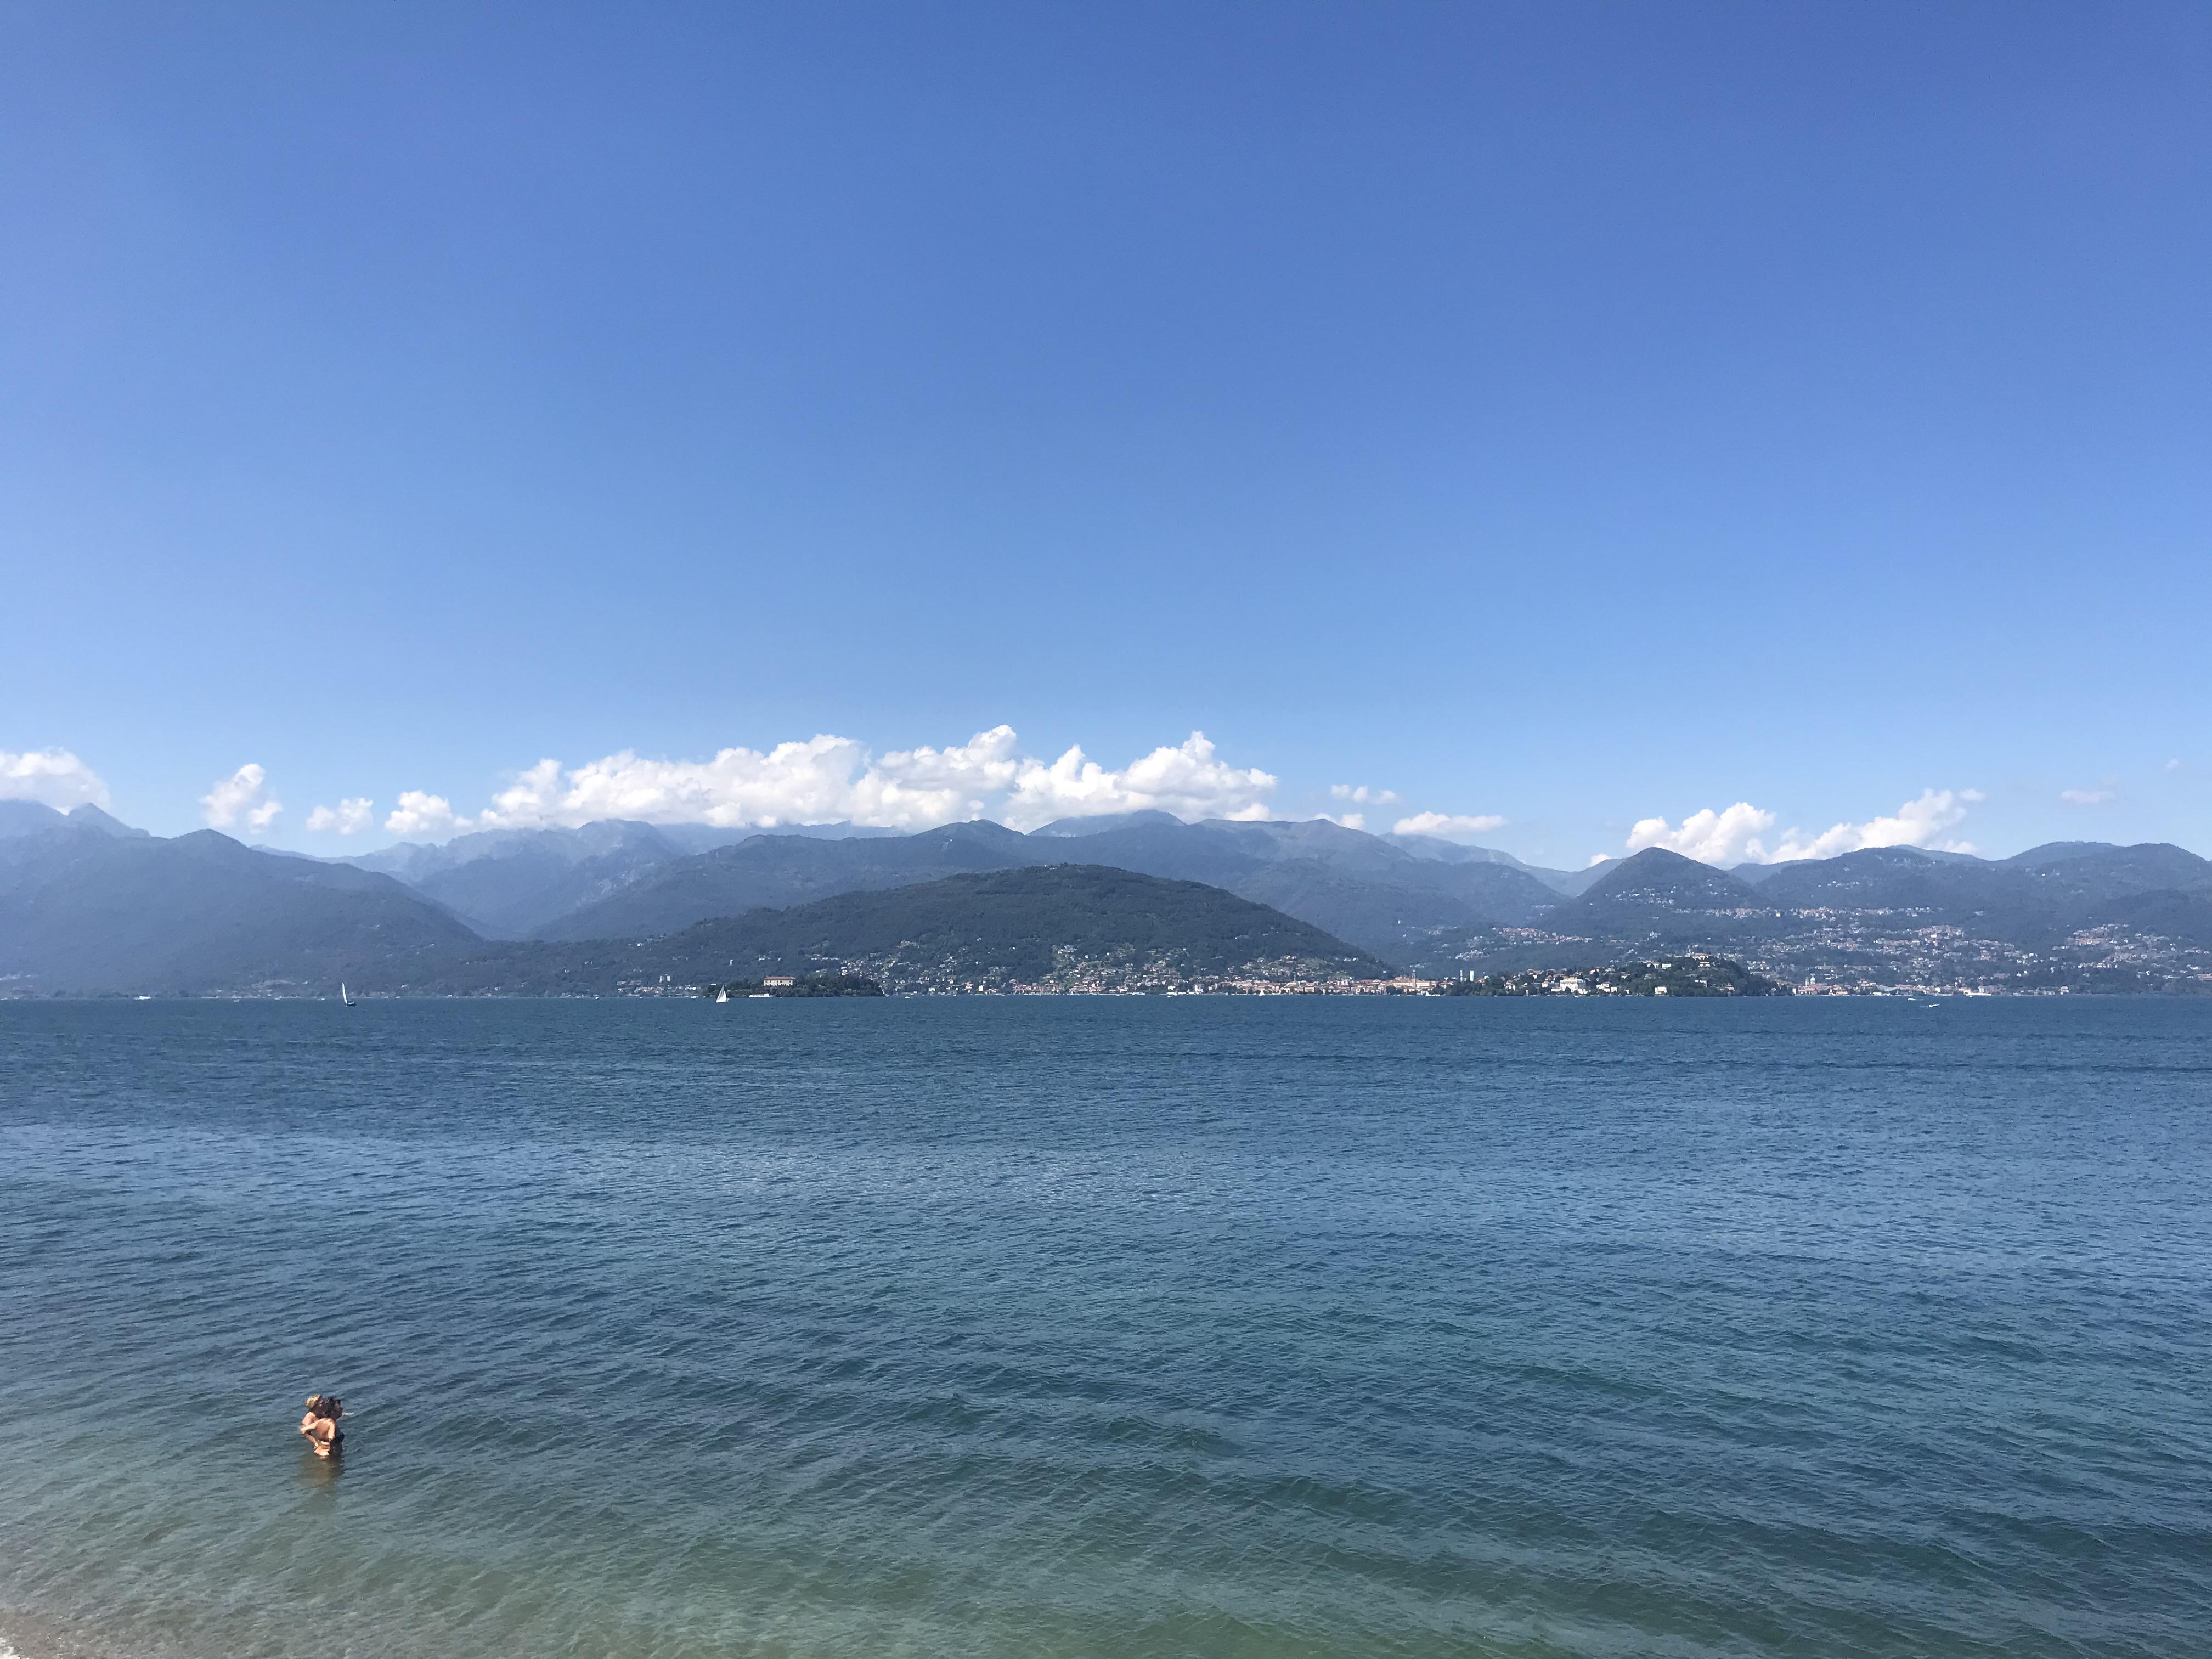 spiaggia-lago-maggiore-parco-pallavicino-stresa